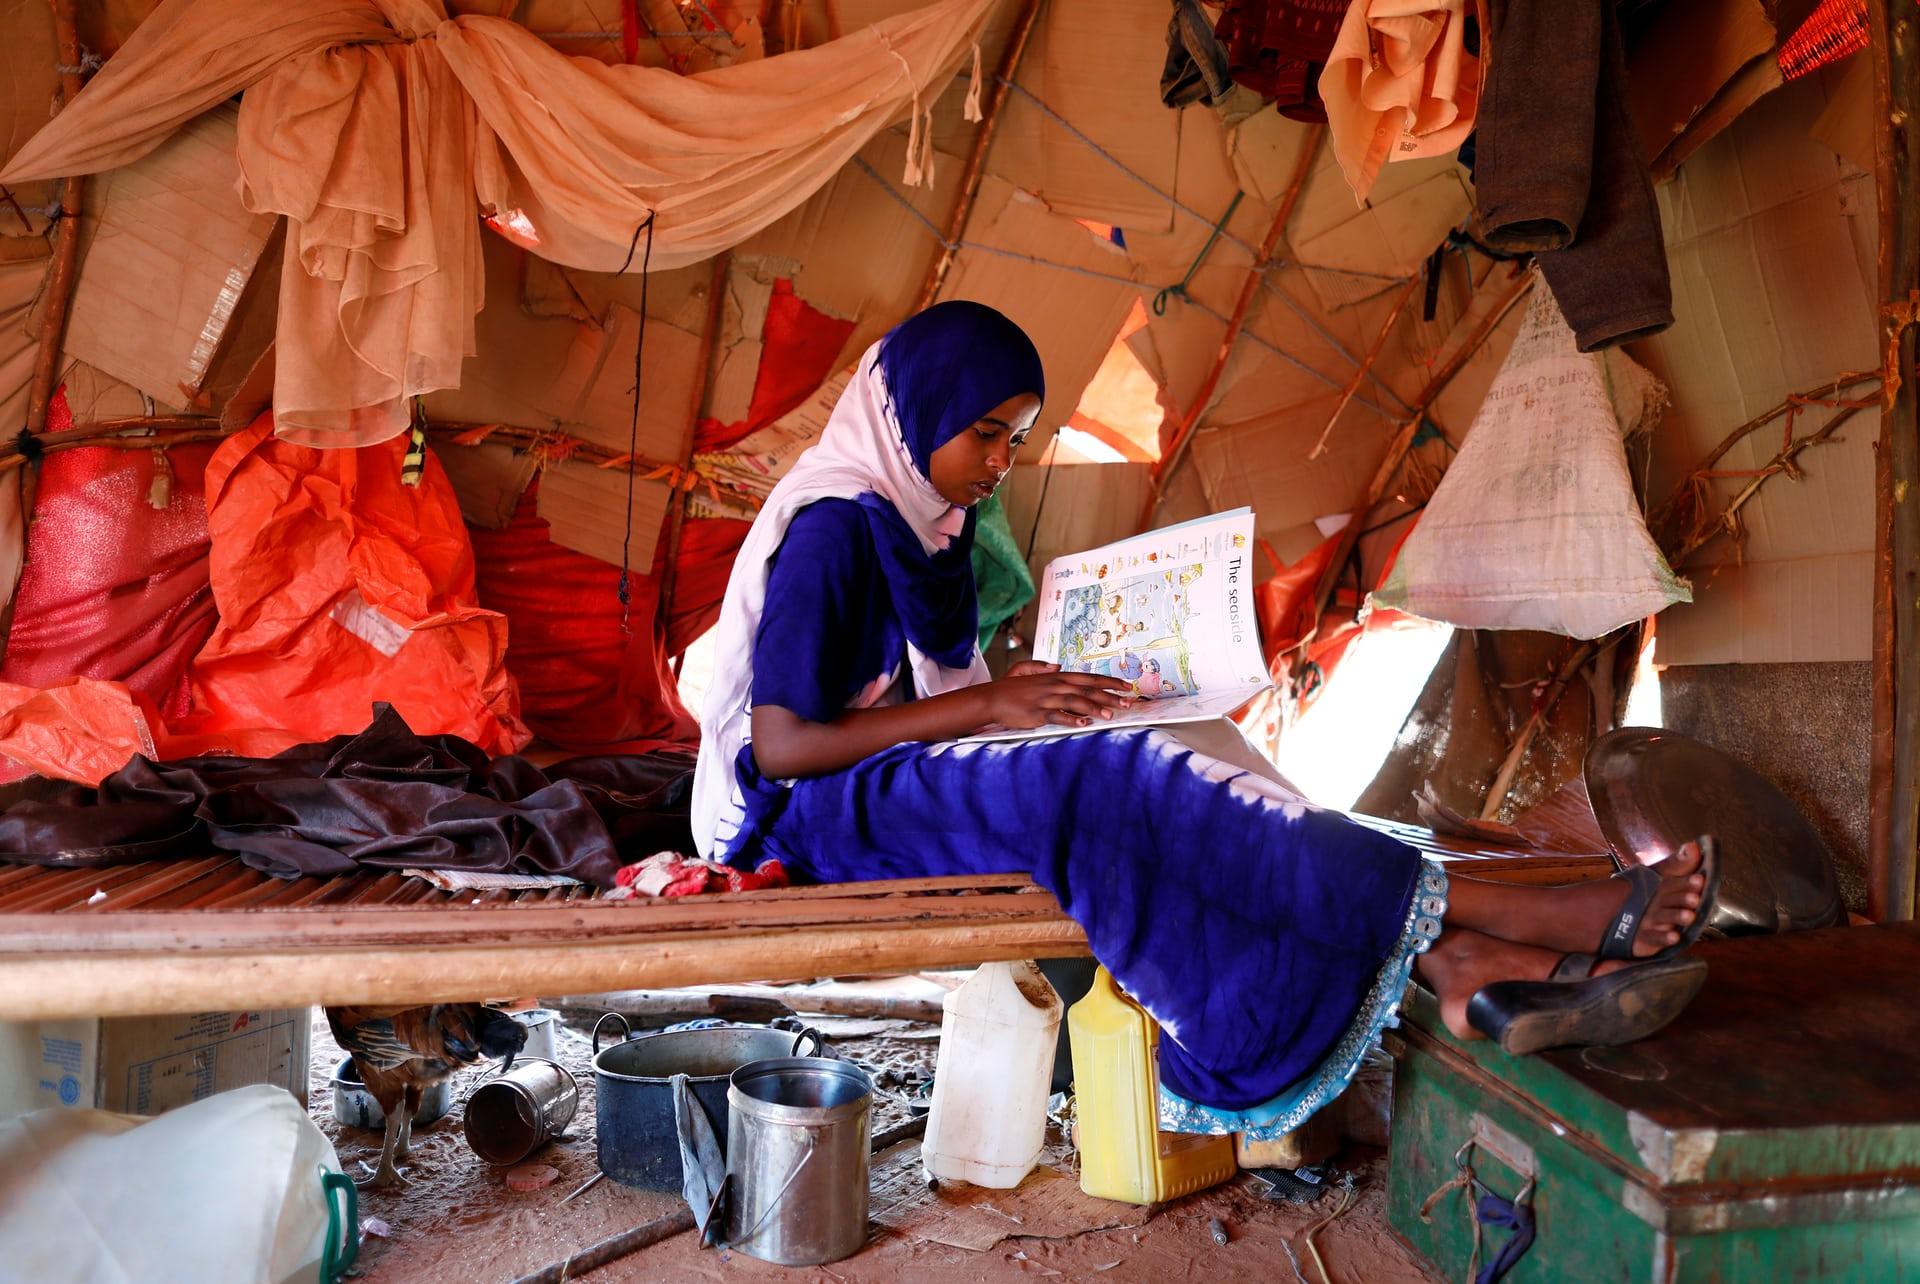 صورة أخري لزينب وهي تقرأ